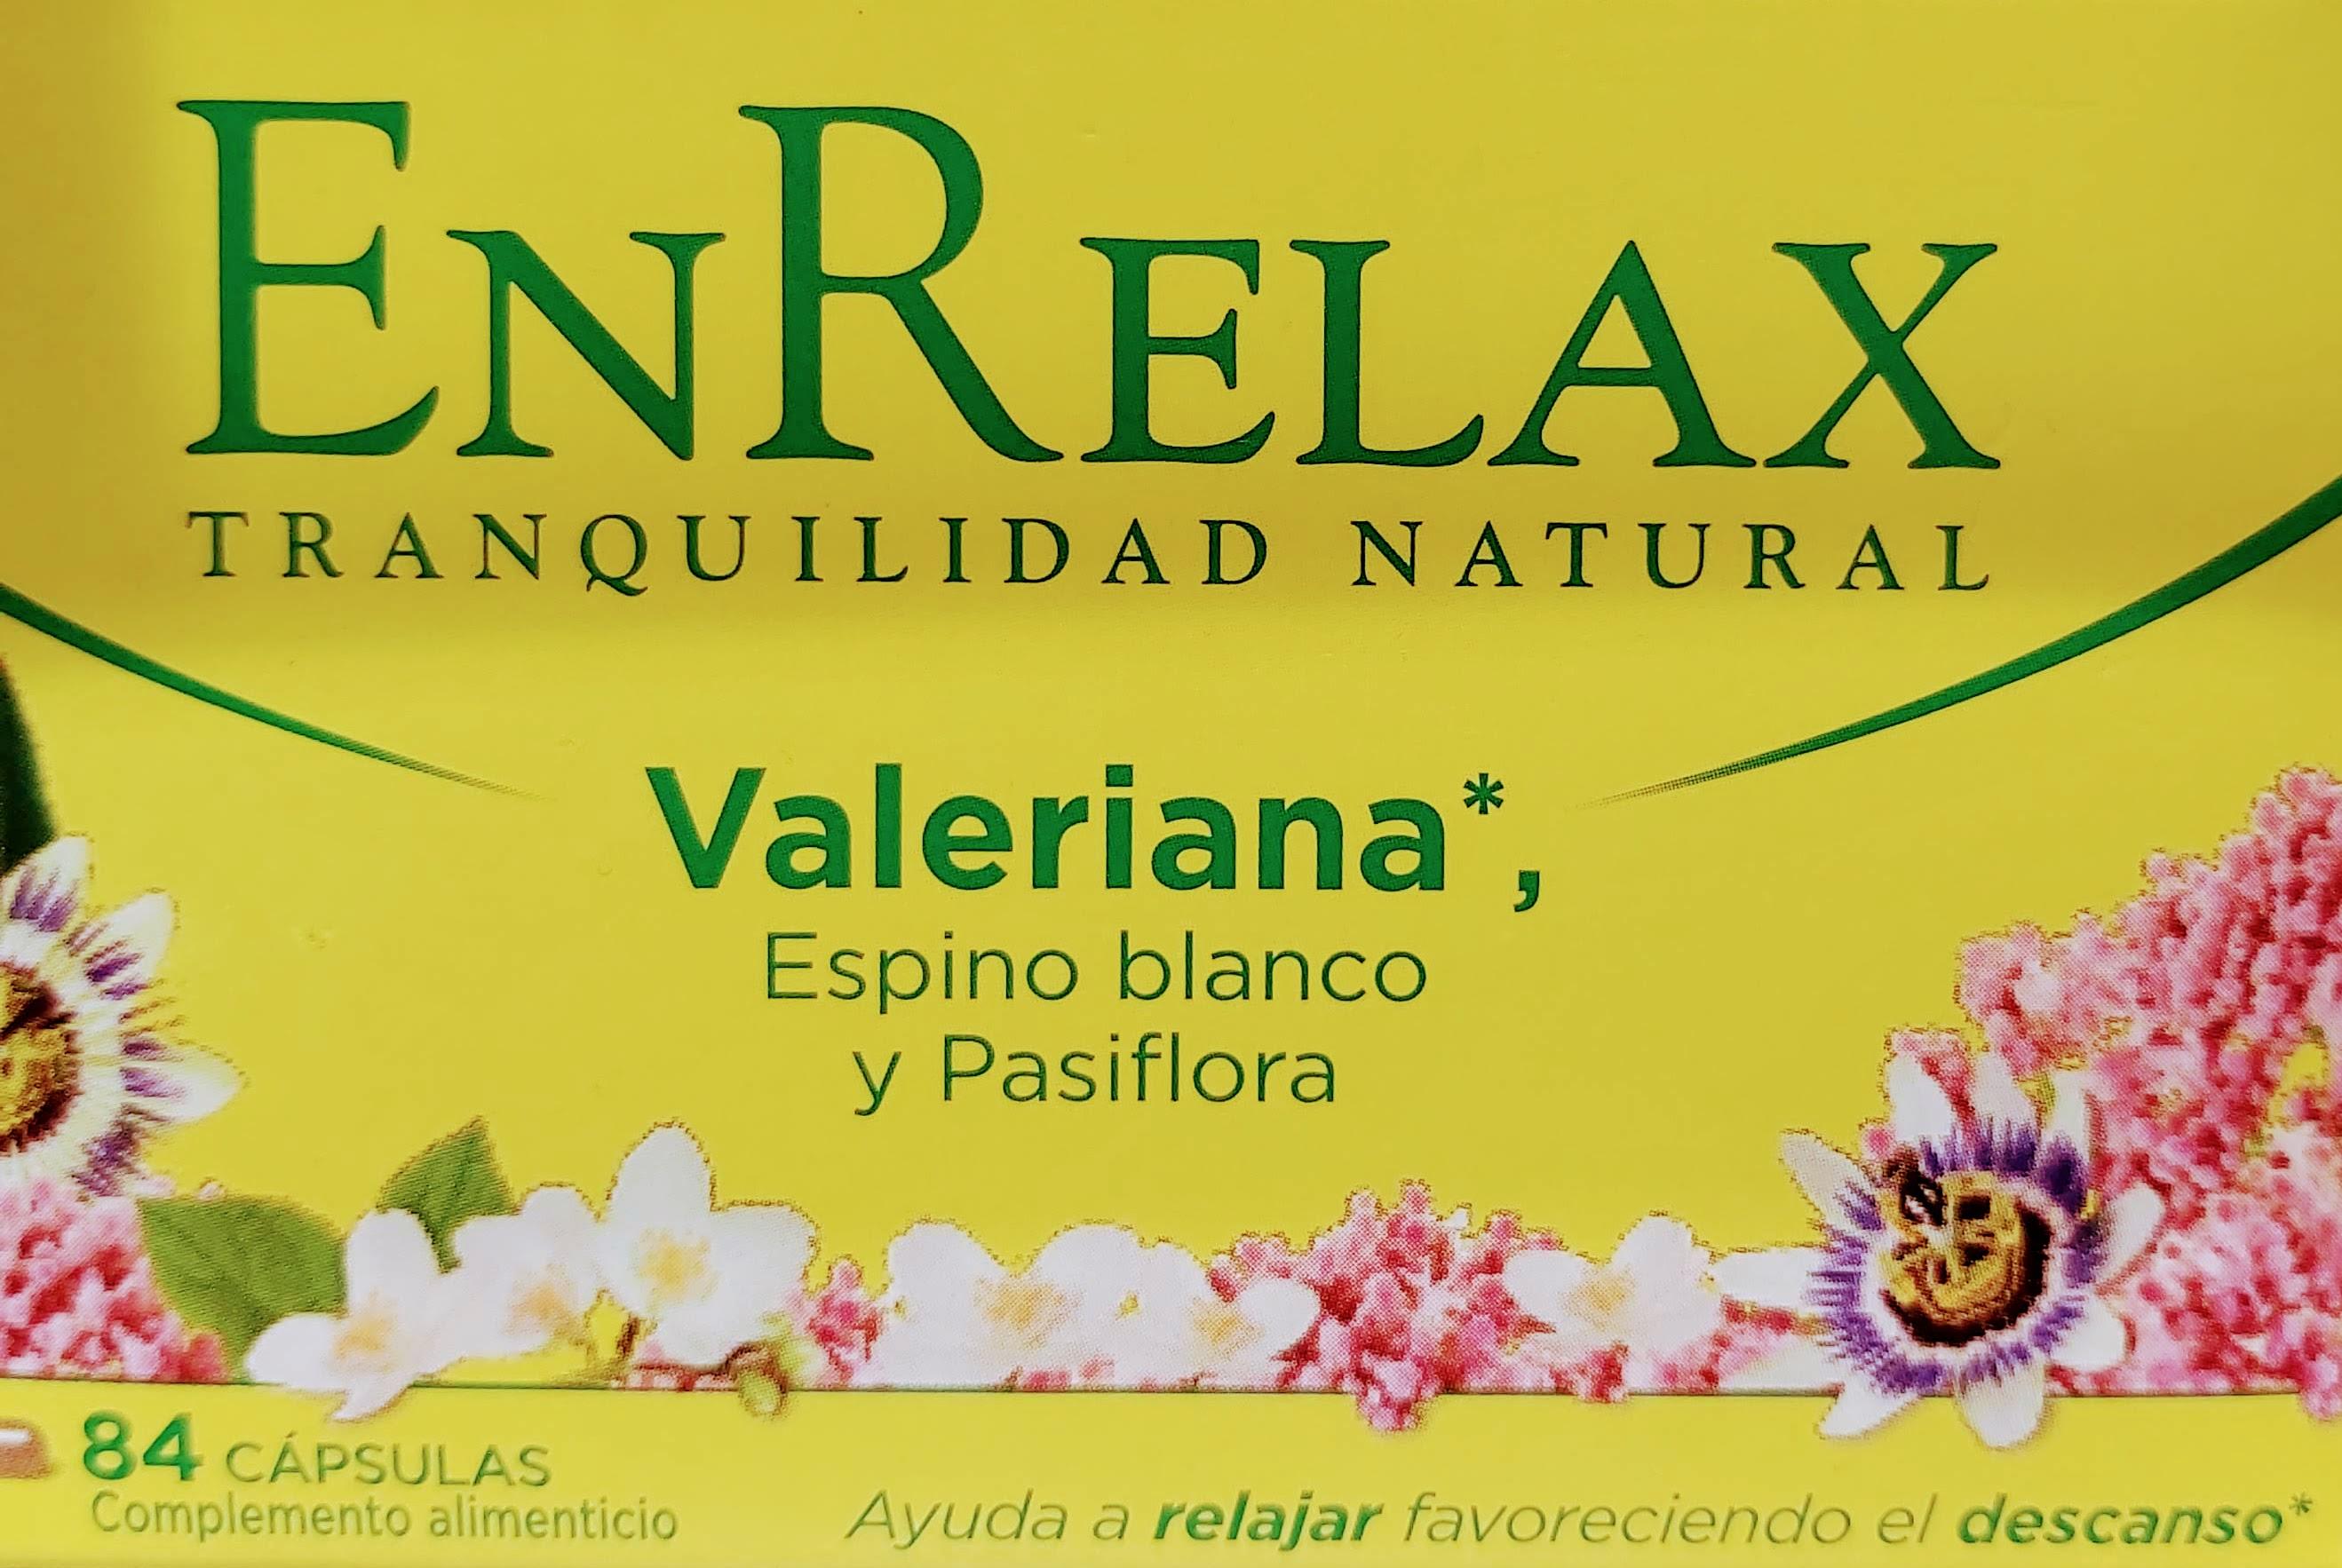 Comprar Enrelax Tranquilidad Natural con plantas sedantes para dormir y eliminar el estrés de forma natural con extractos de pasiflora, valeriana y espino blanco para paliar el insomnio y el nerviosismo